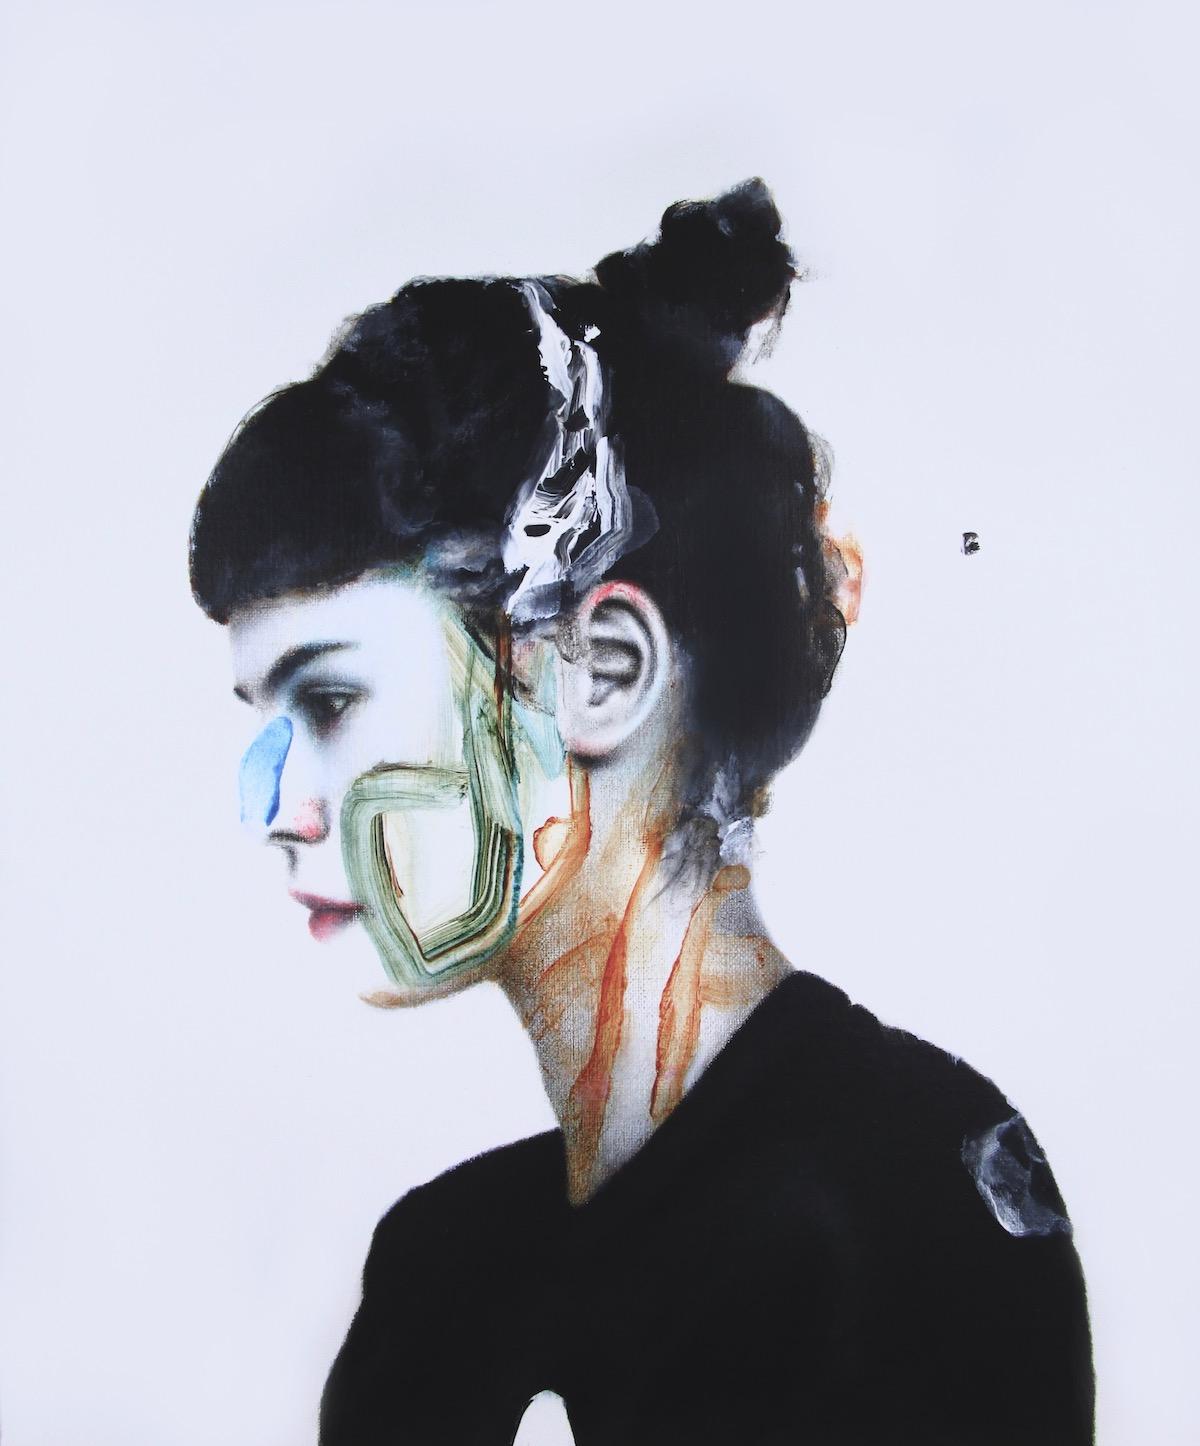 antoine cordet canvas toile peinture painting portrait art artist artiste peintre acrylic oil point nemo